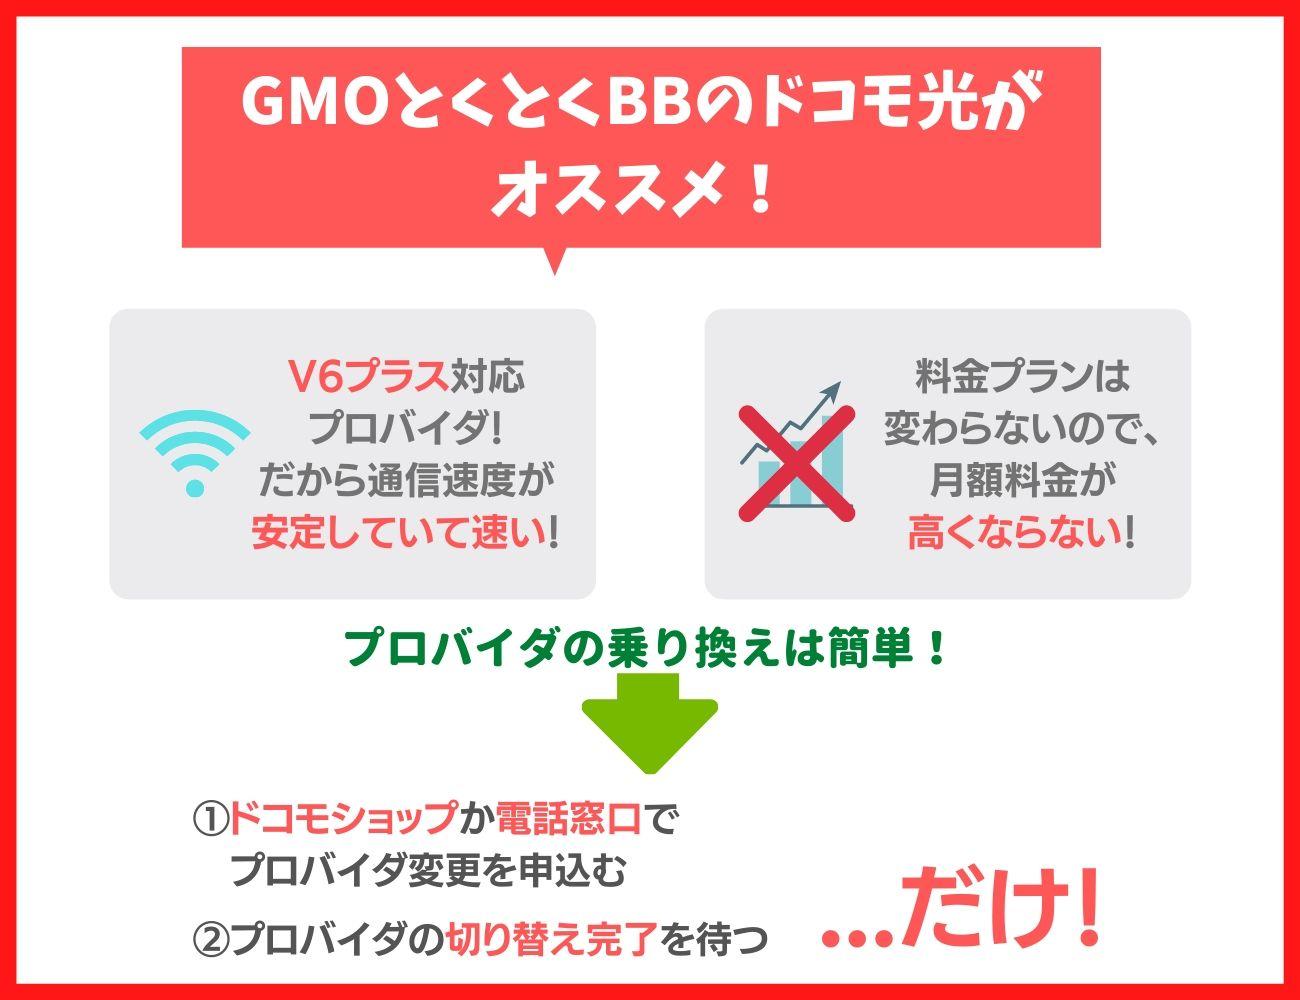 プロバイダの通信速度はGMOとくとくBBのドコモ光がおすすめ!